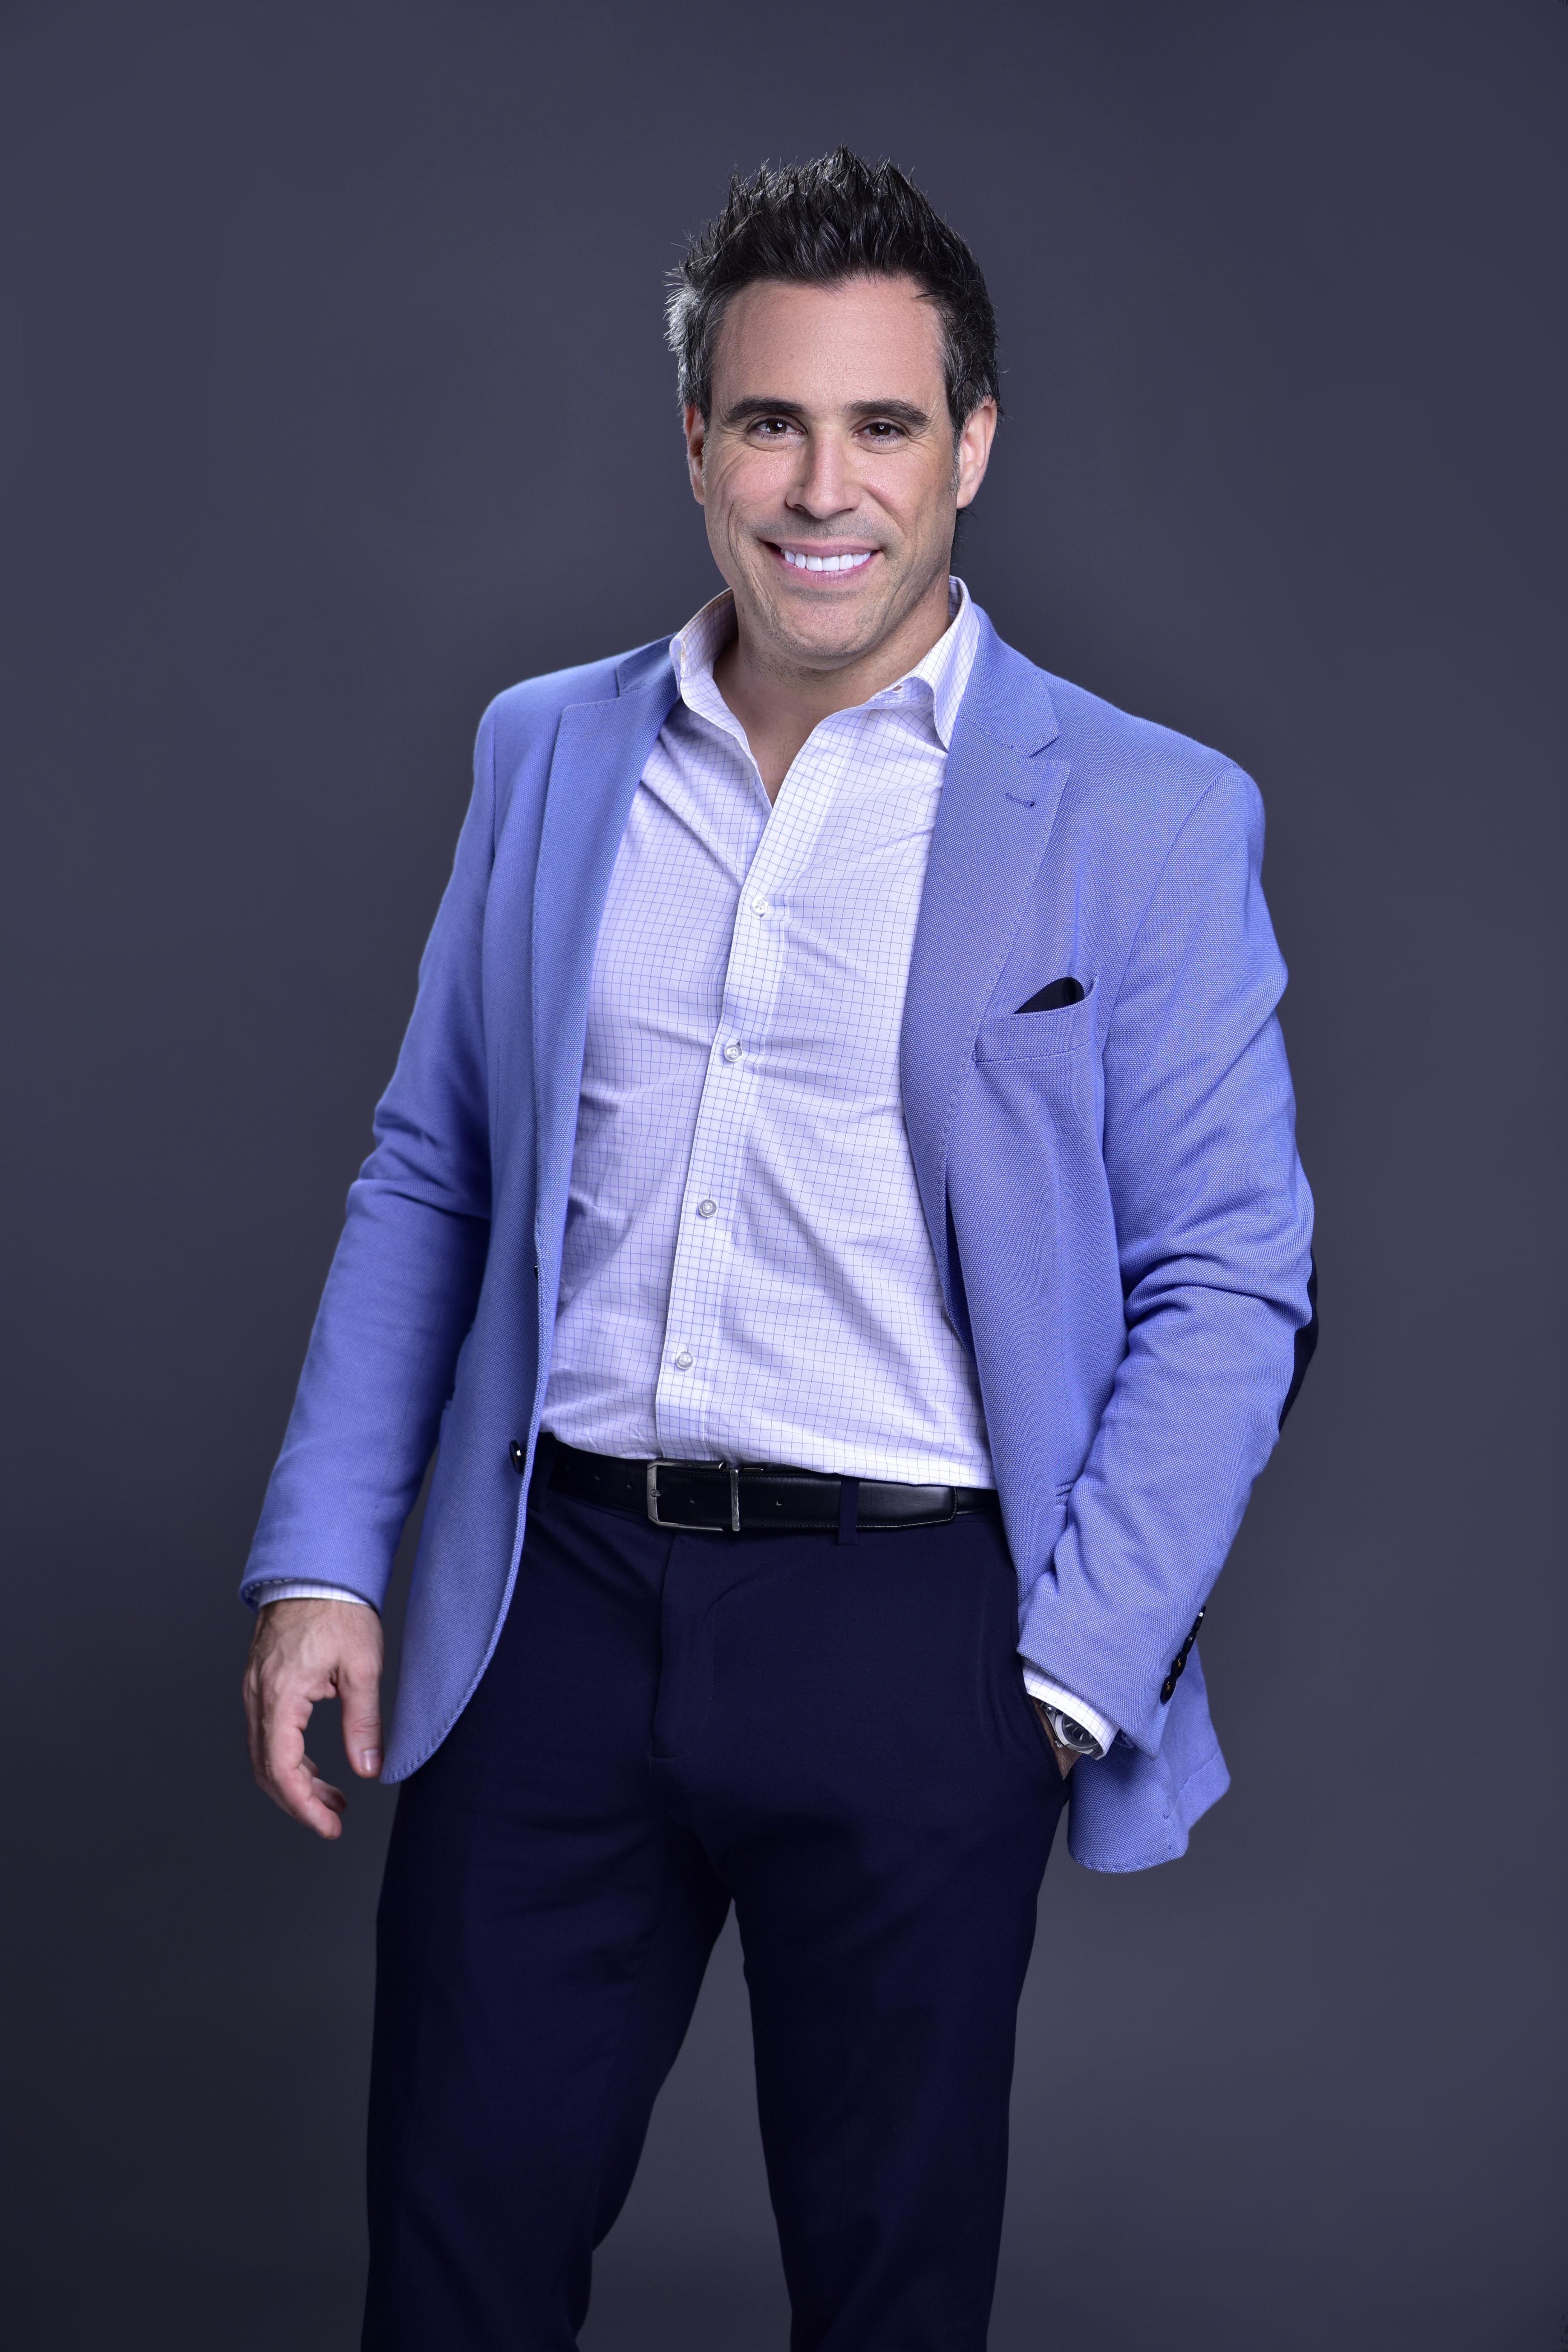 Guillermo Navarrete